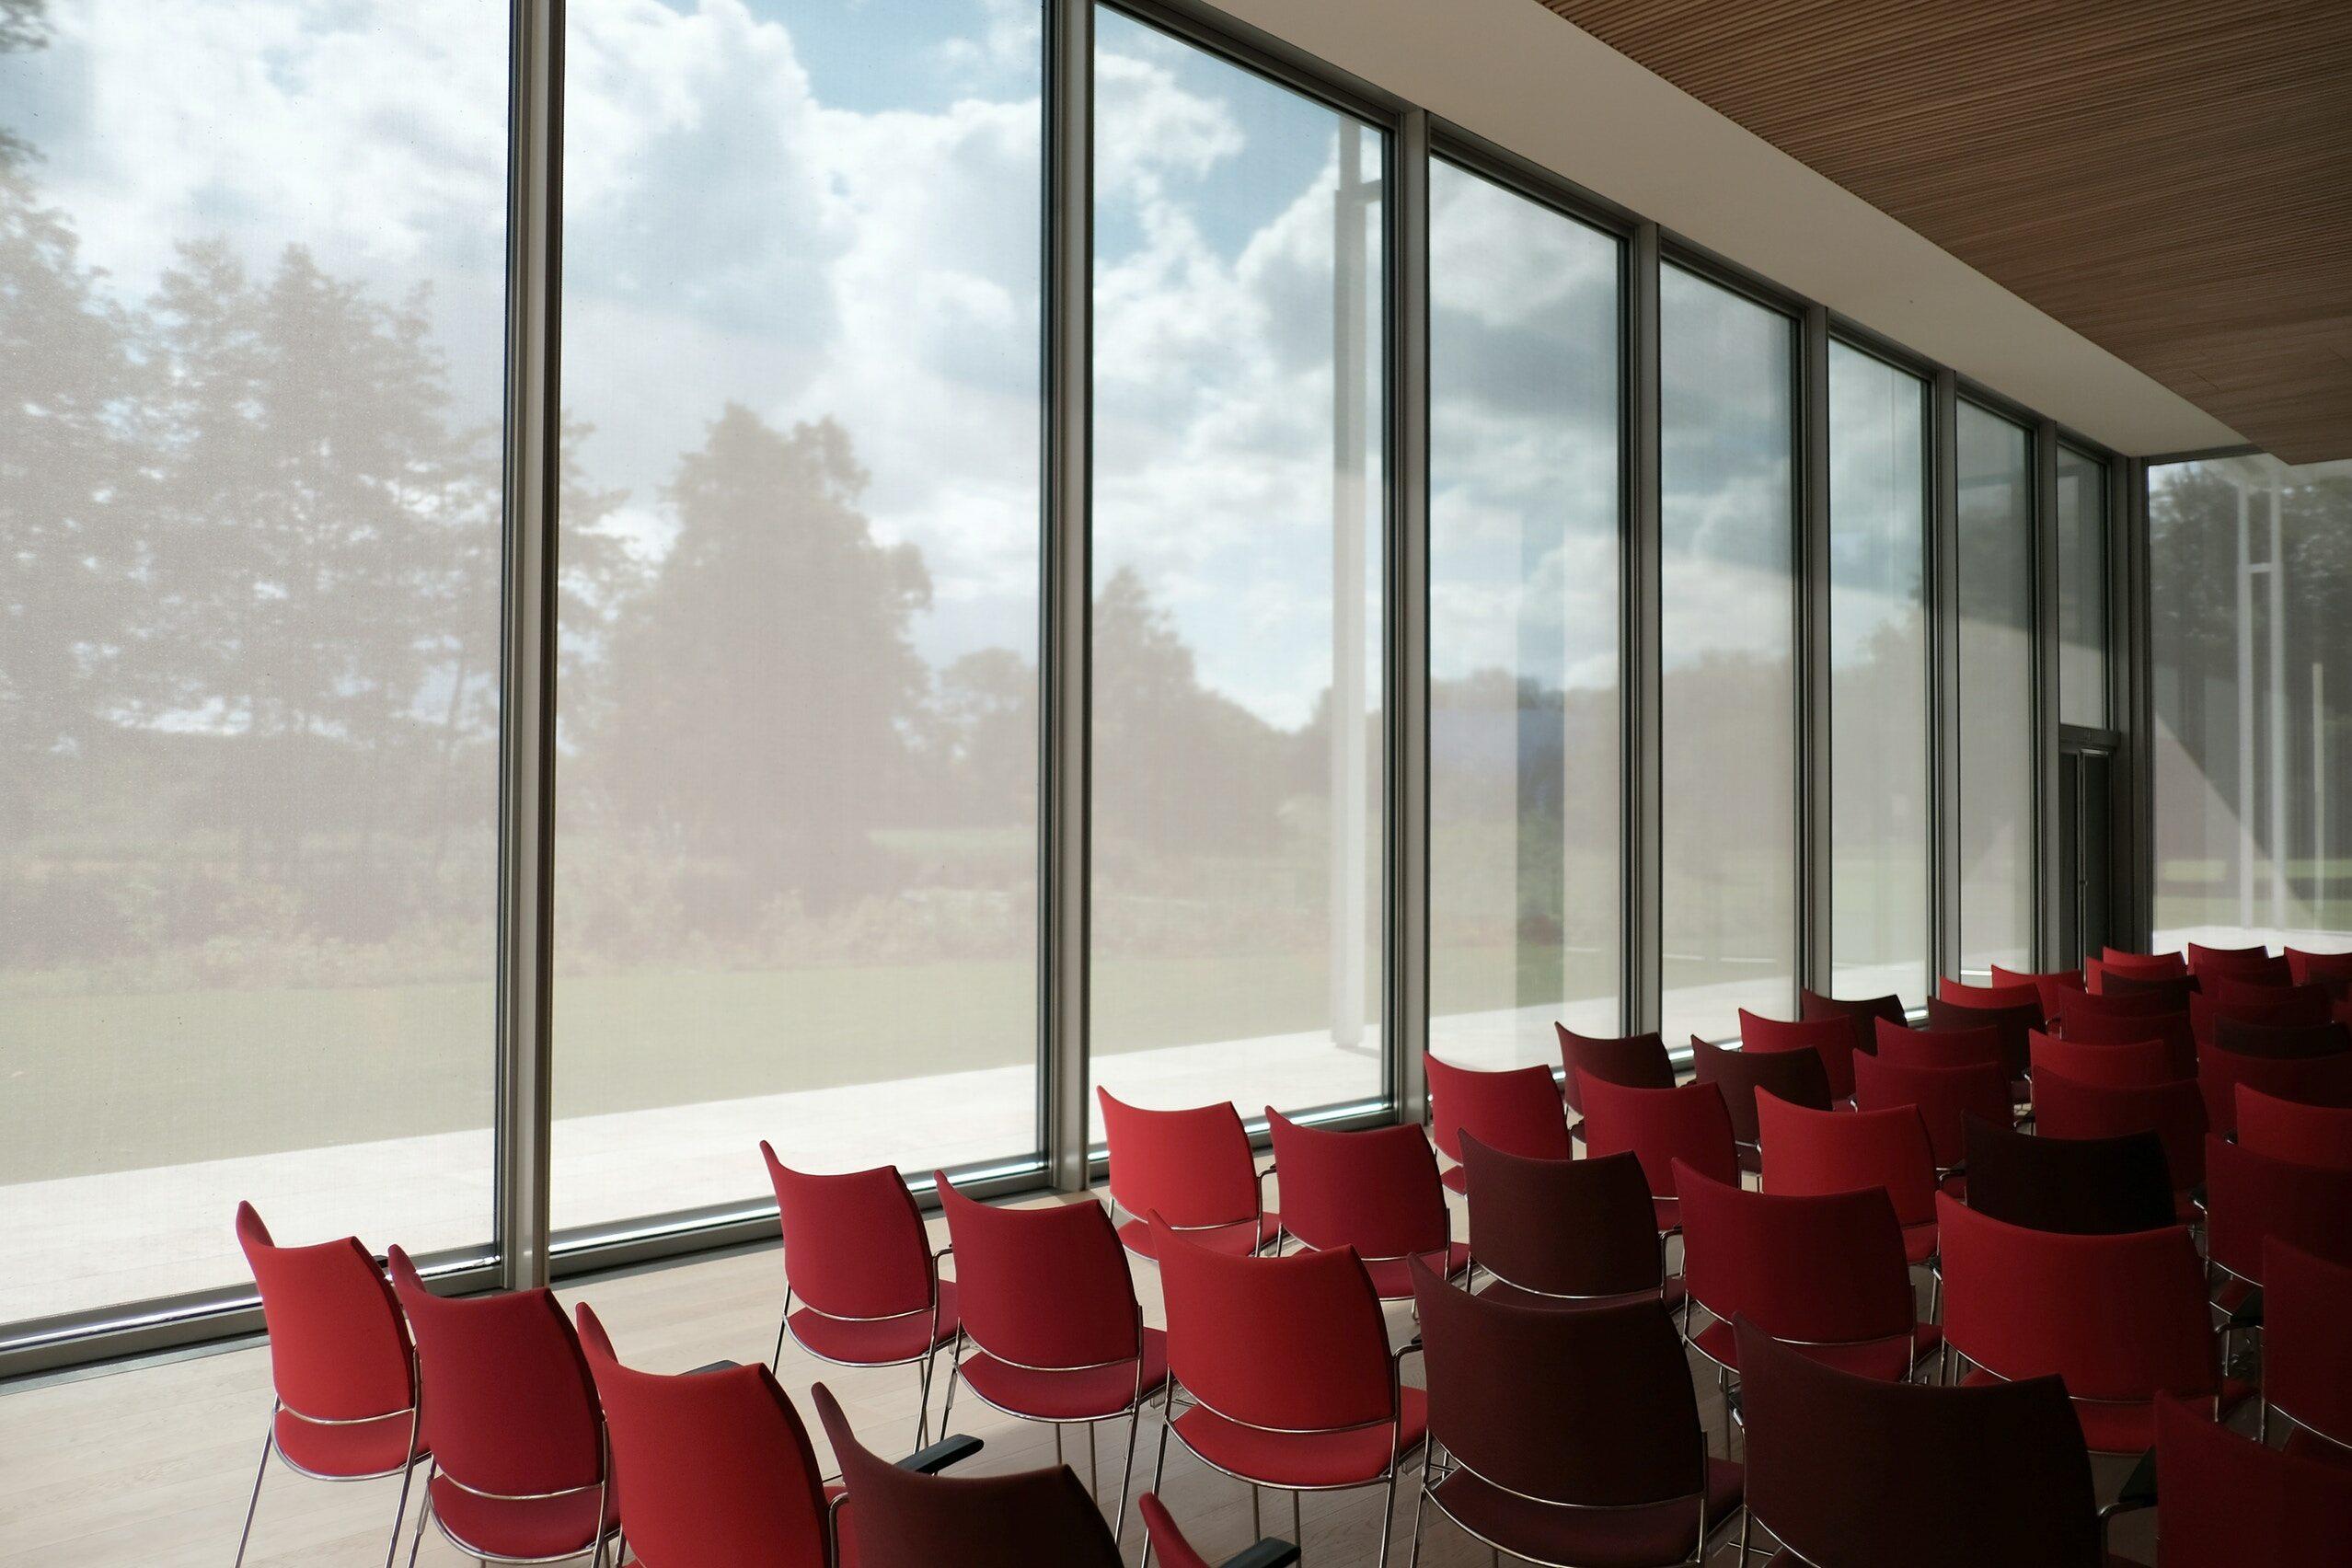 Sala konferencyjna - zdjęcie ilustracyjne